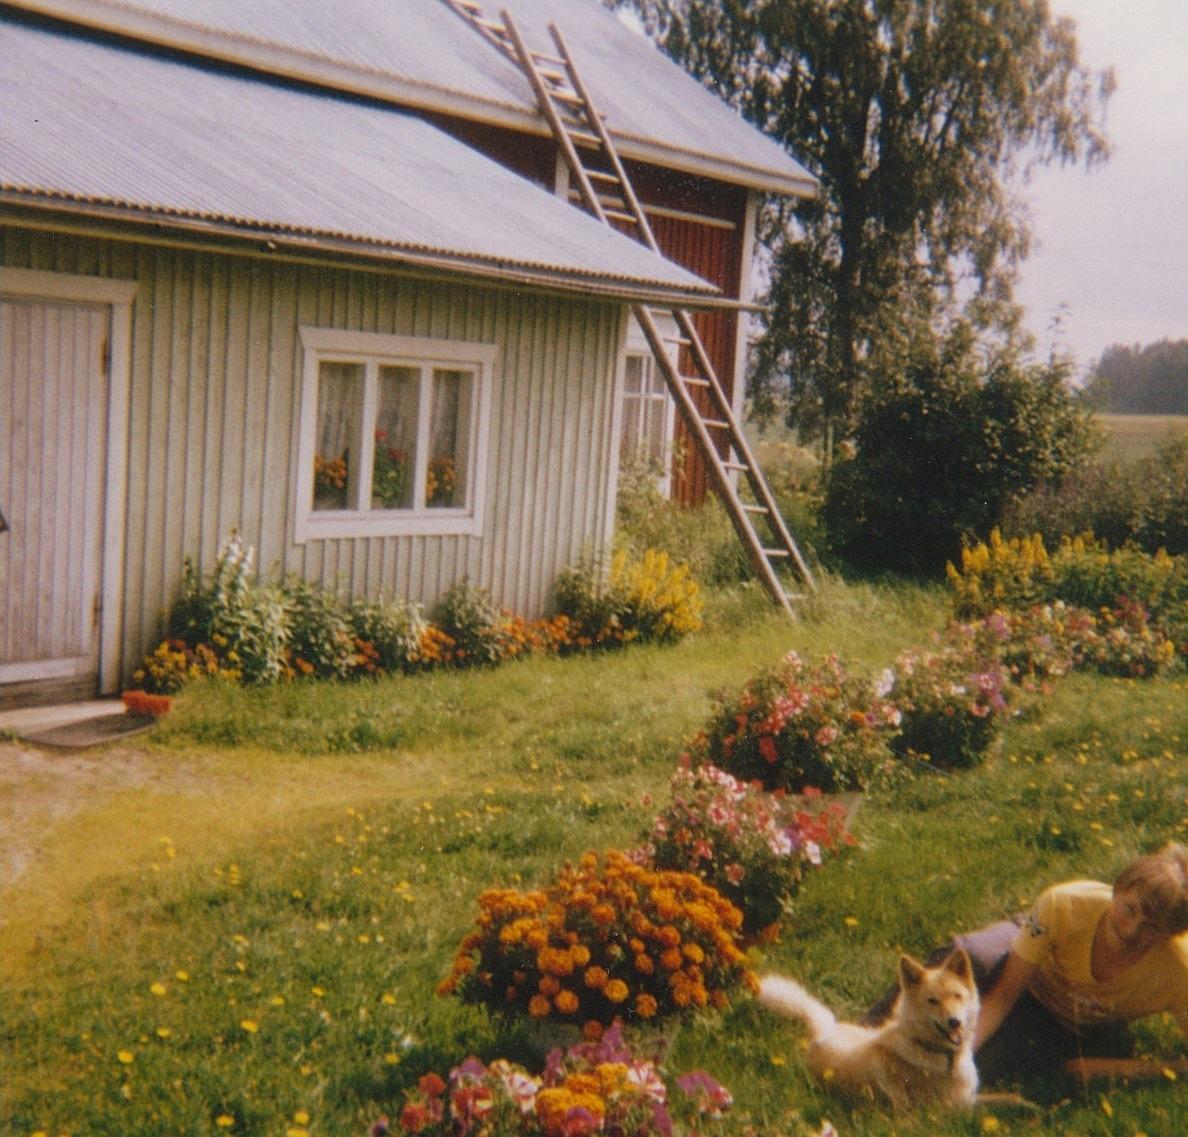 Här gården och blommorna fotograferade från gårdssidan. Hunden Milli fick också vara med.